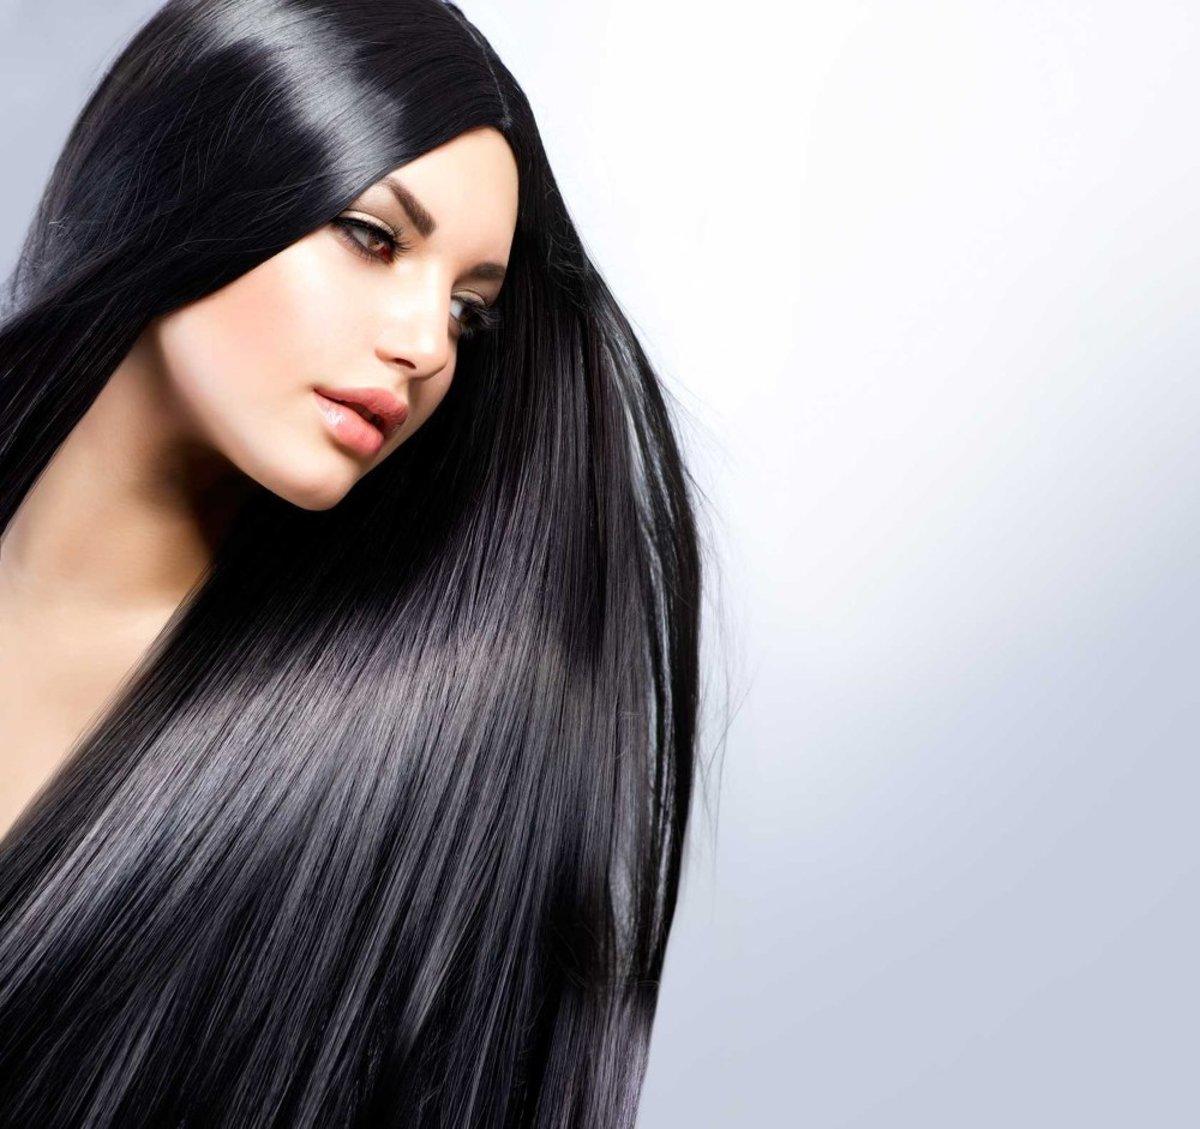 Интересное о наших волосах: сколько их у человека на голове?